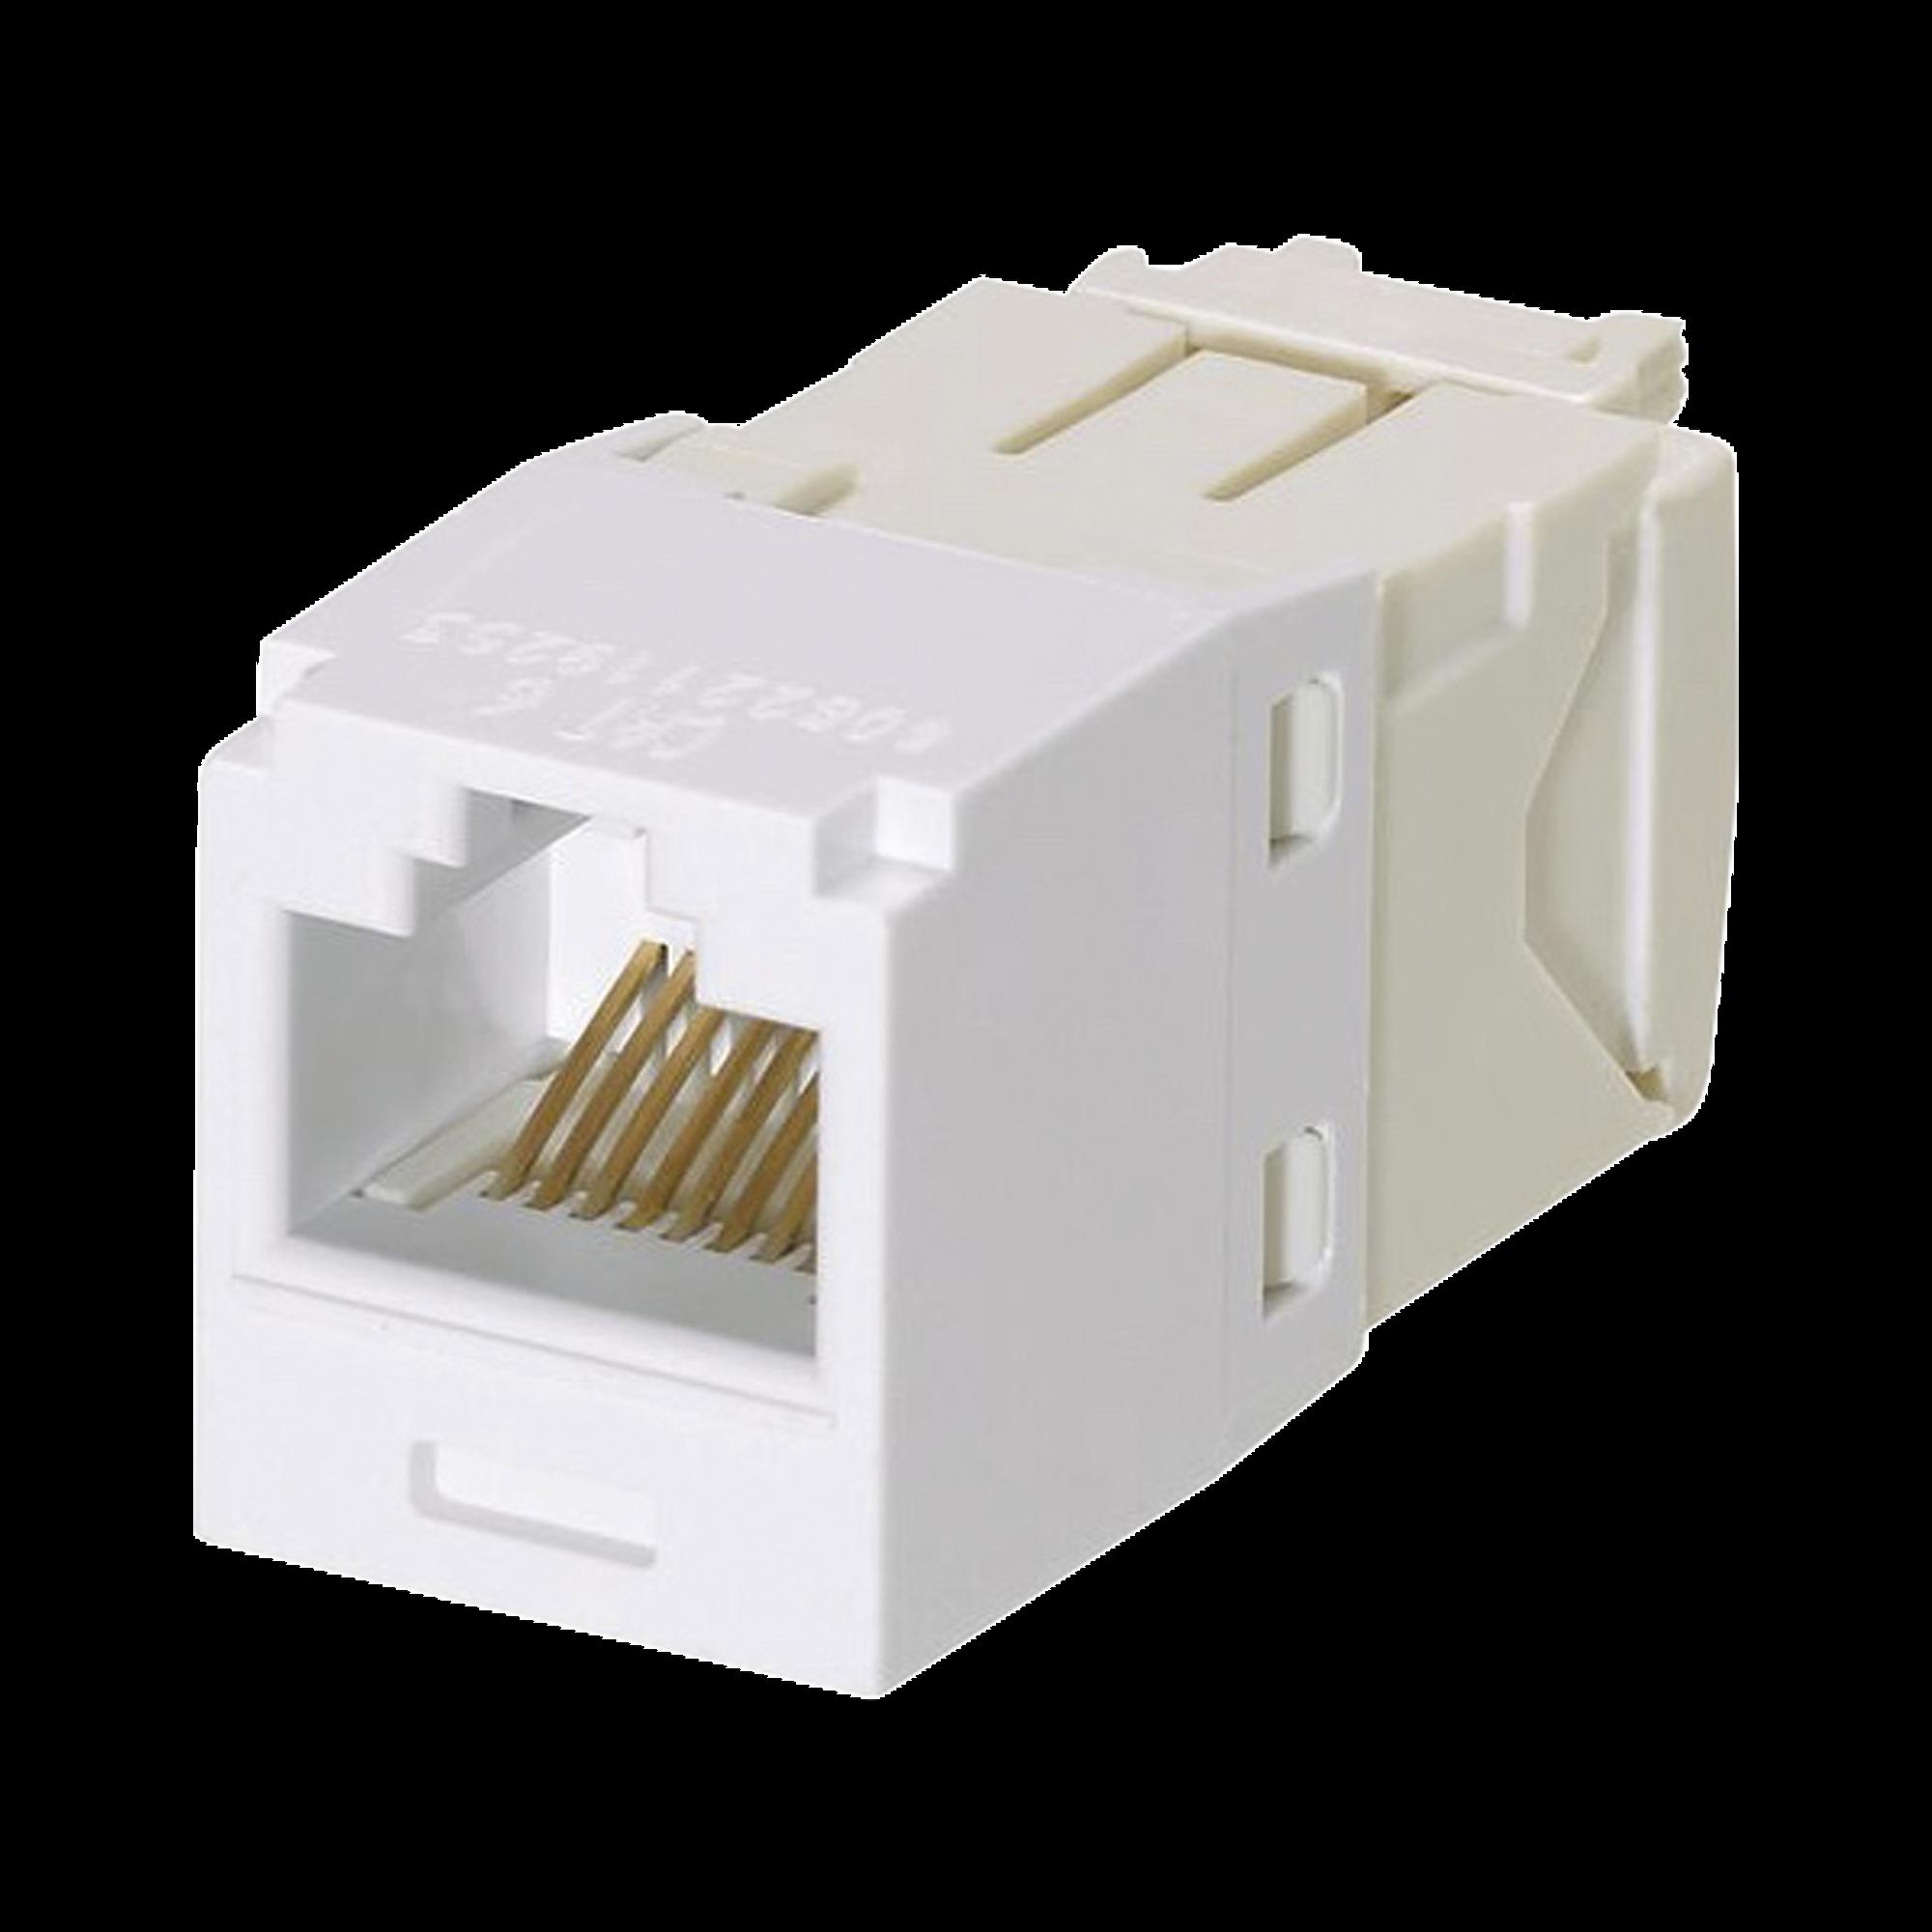 Conector Jack RJ45 Estilo TG, Mini-Com, Categoría 6, de 8 posiciones y 8 cables, Color Blanco